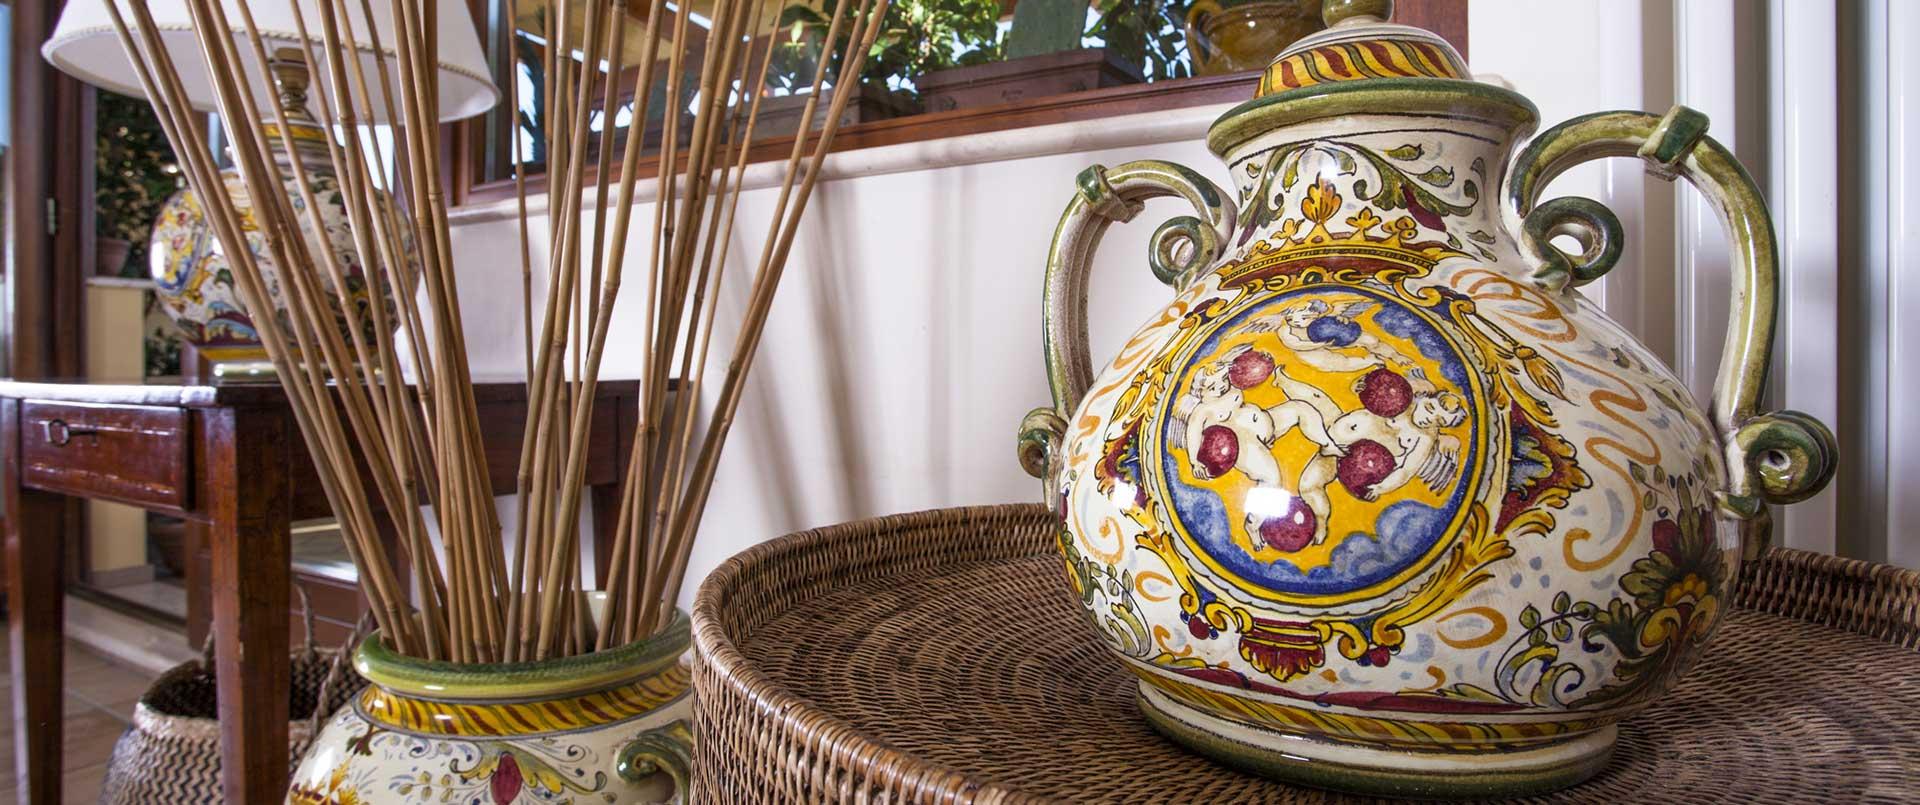 Ceramiche Toscane Montelupo Fiorentino ceramiche maiolica toscana - del melo ceramiche pescara